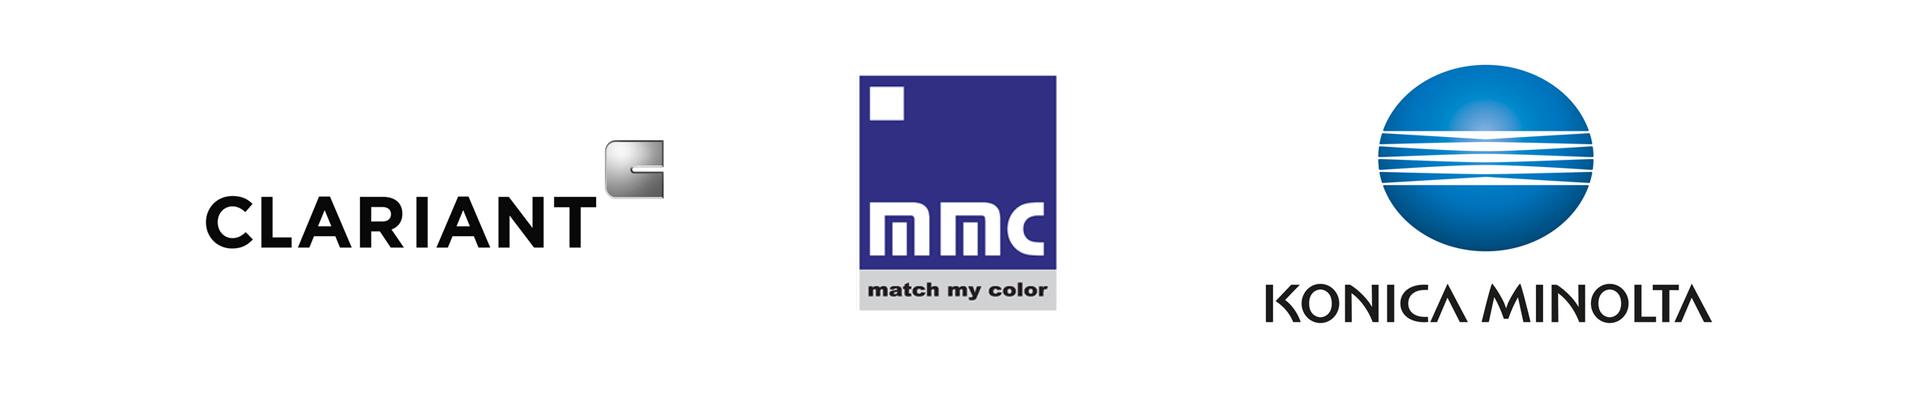 clariant-konmica-mmc-logos-images.jpg